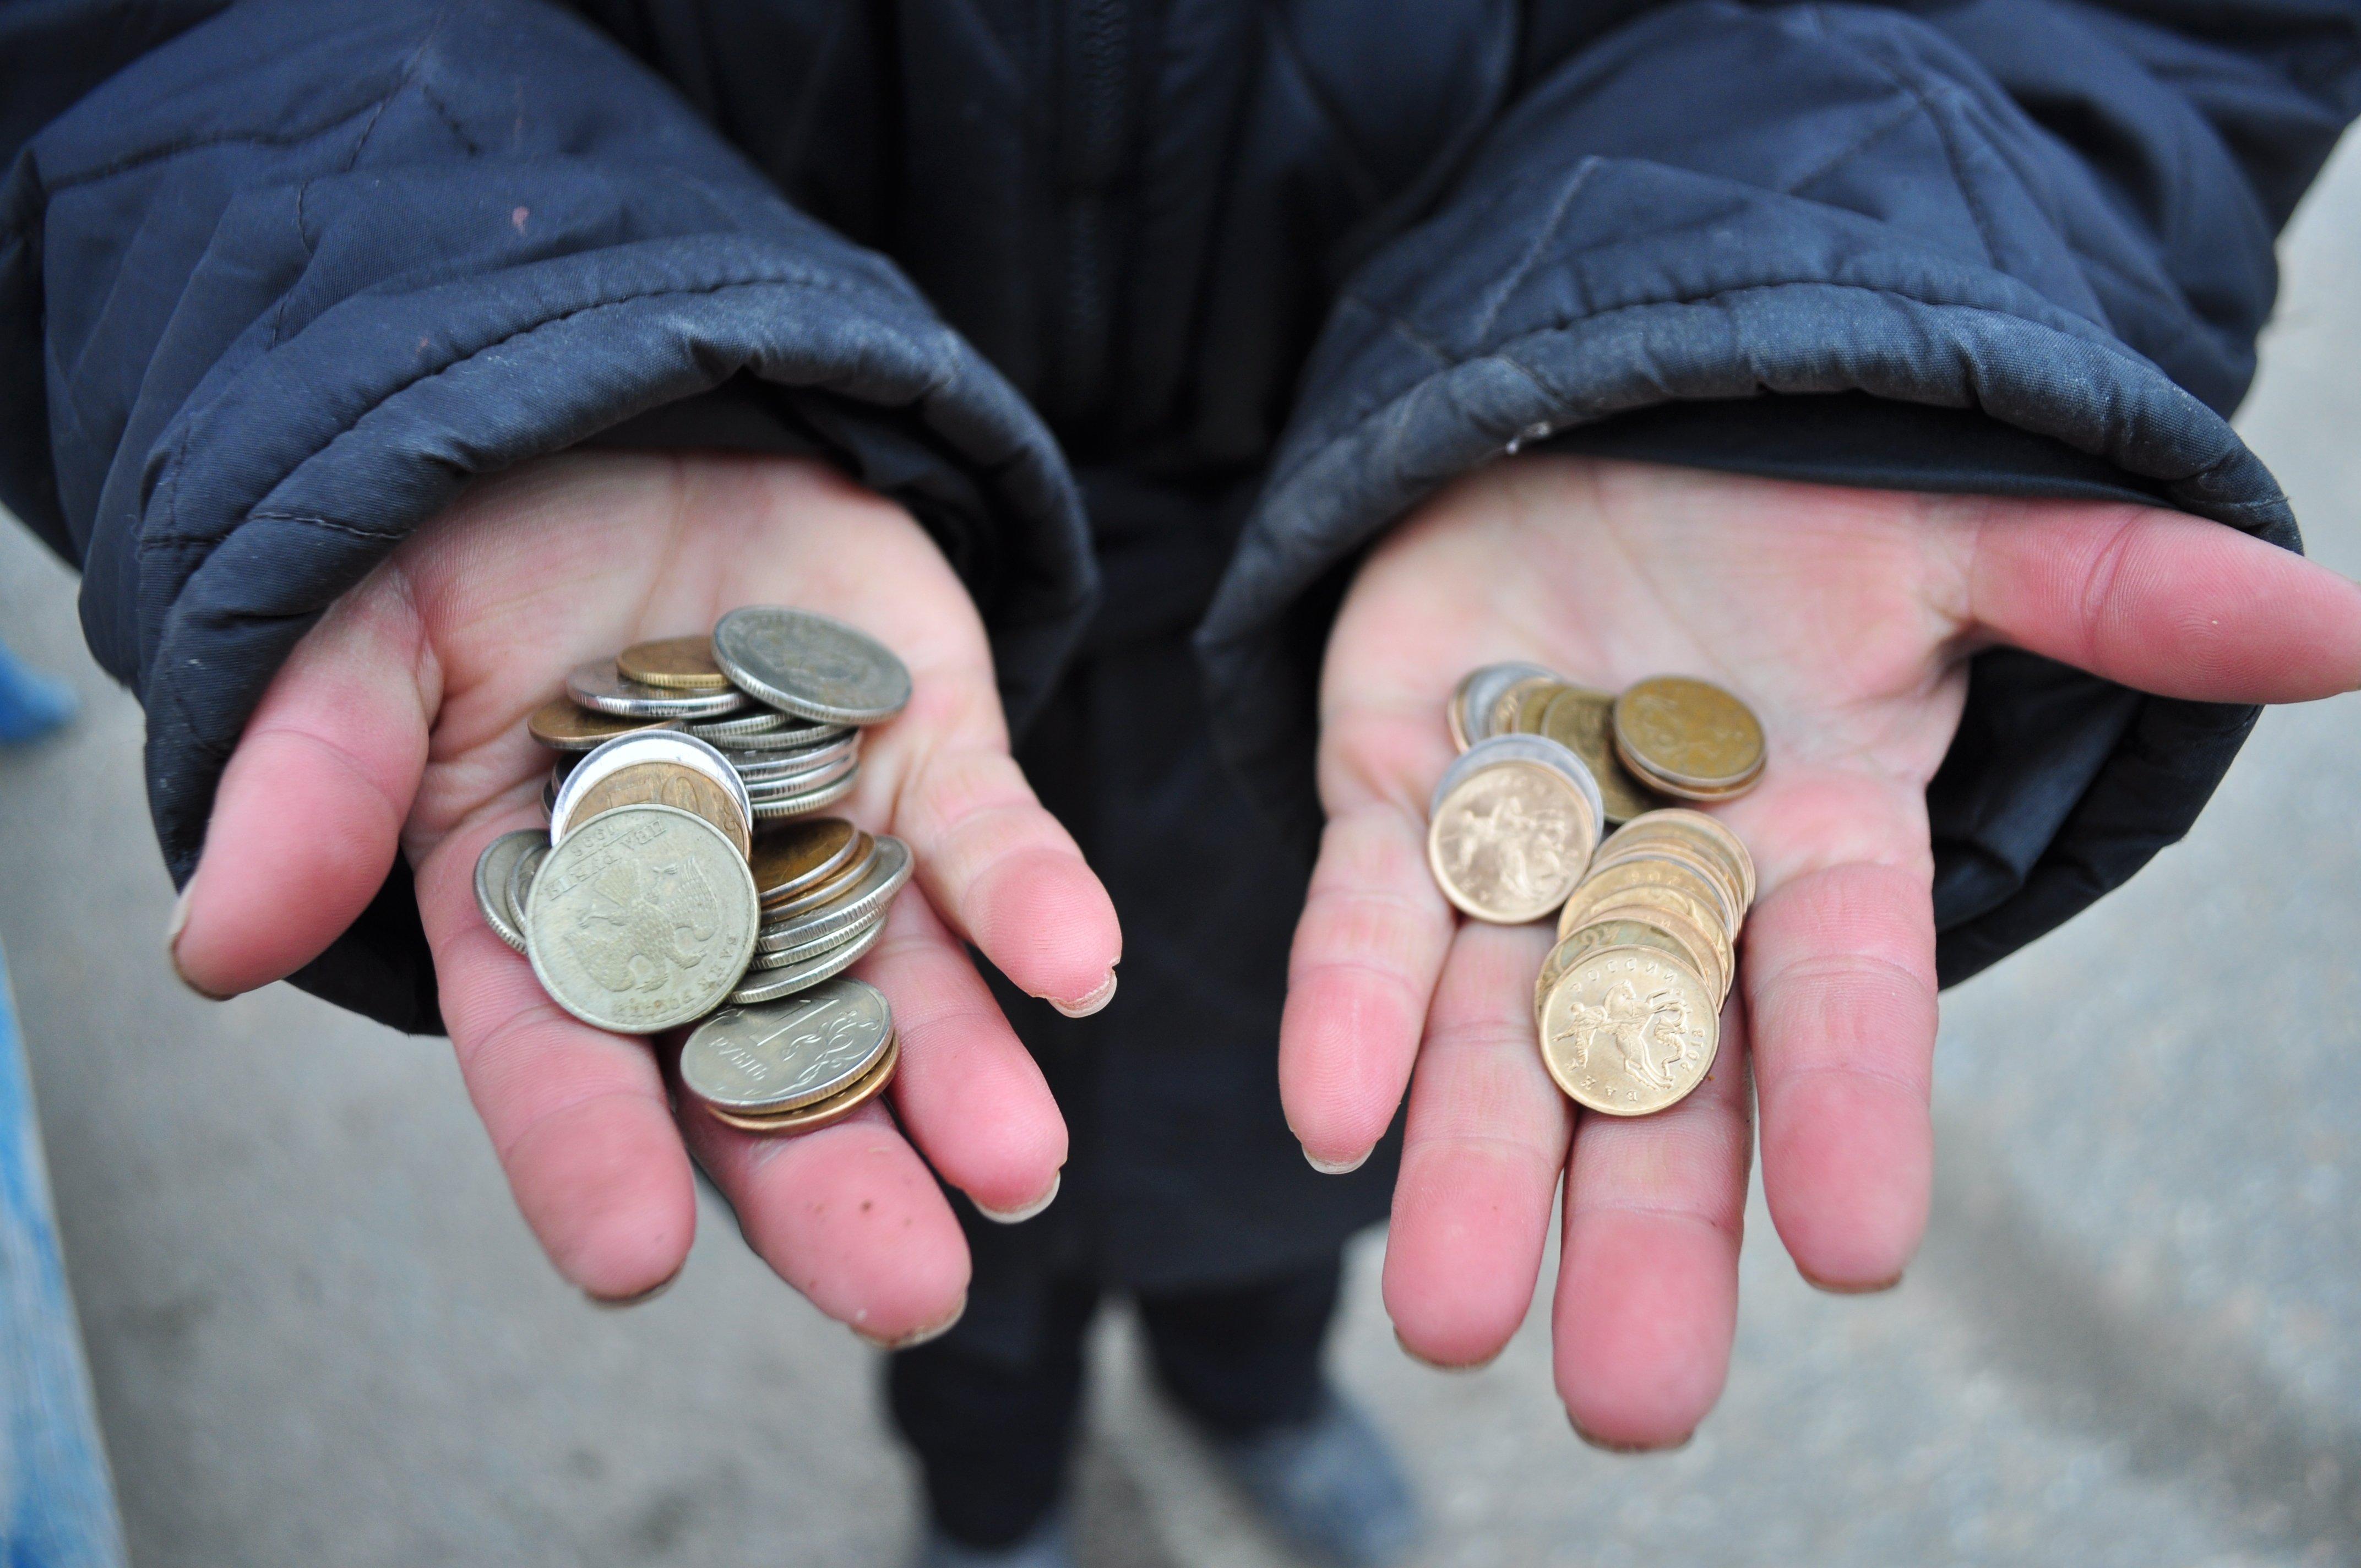 Закрывшимся ИП заплатят 4,5 тысячи рублей в качестве пособия